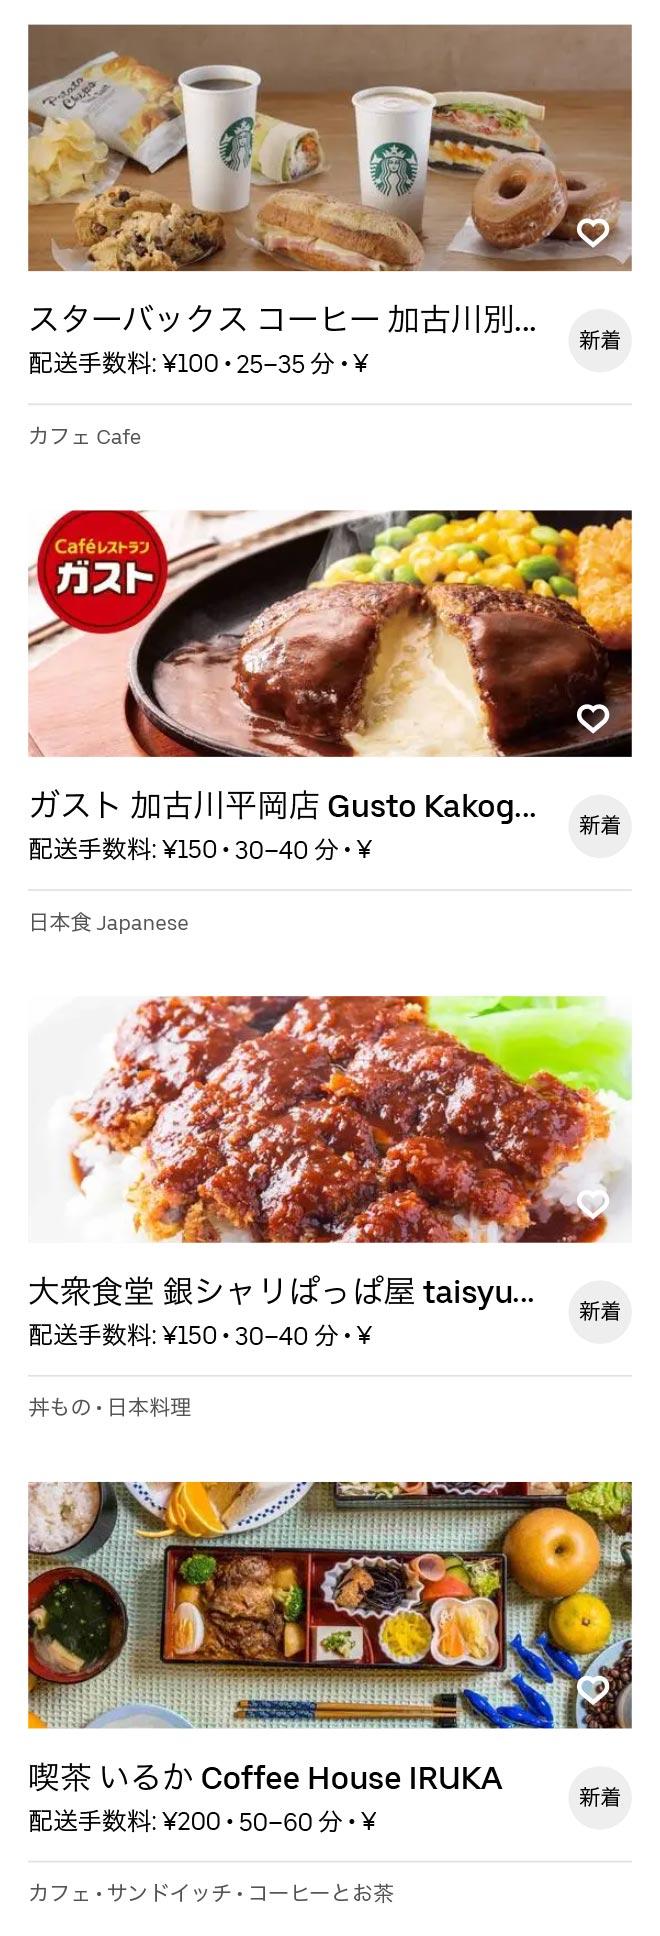 Kakogaw befu menu 2010 3